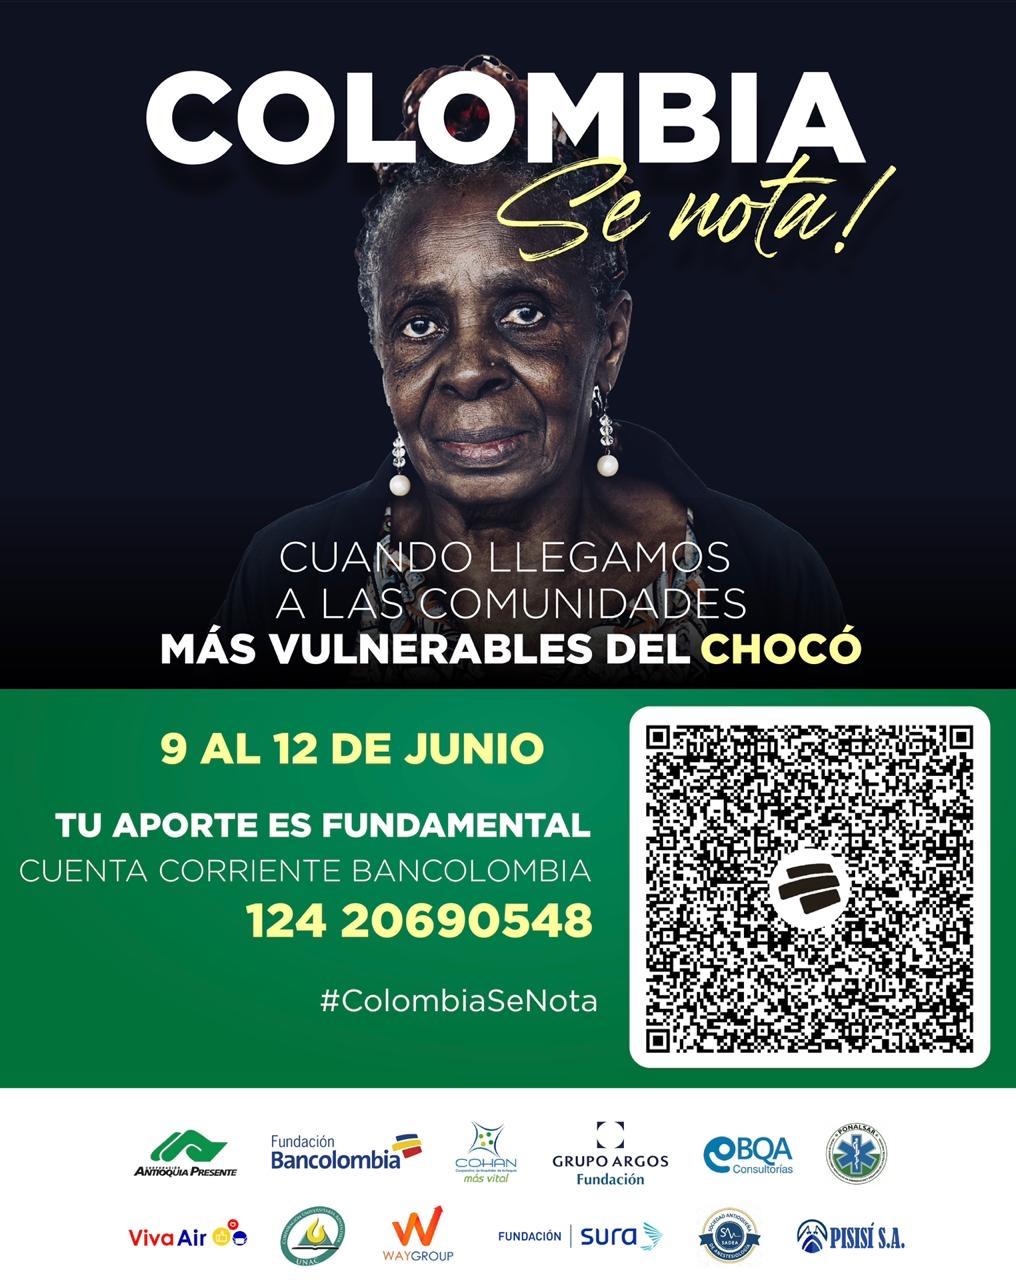 Colombia se nota Misión Chocó